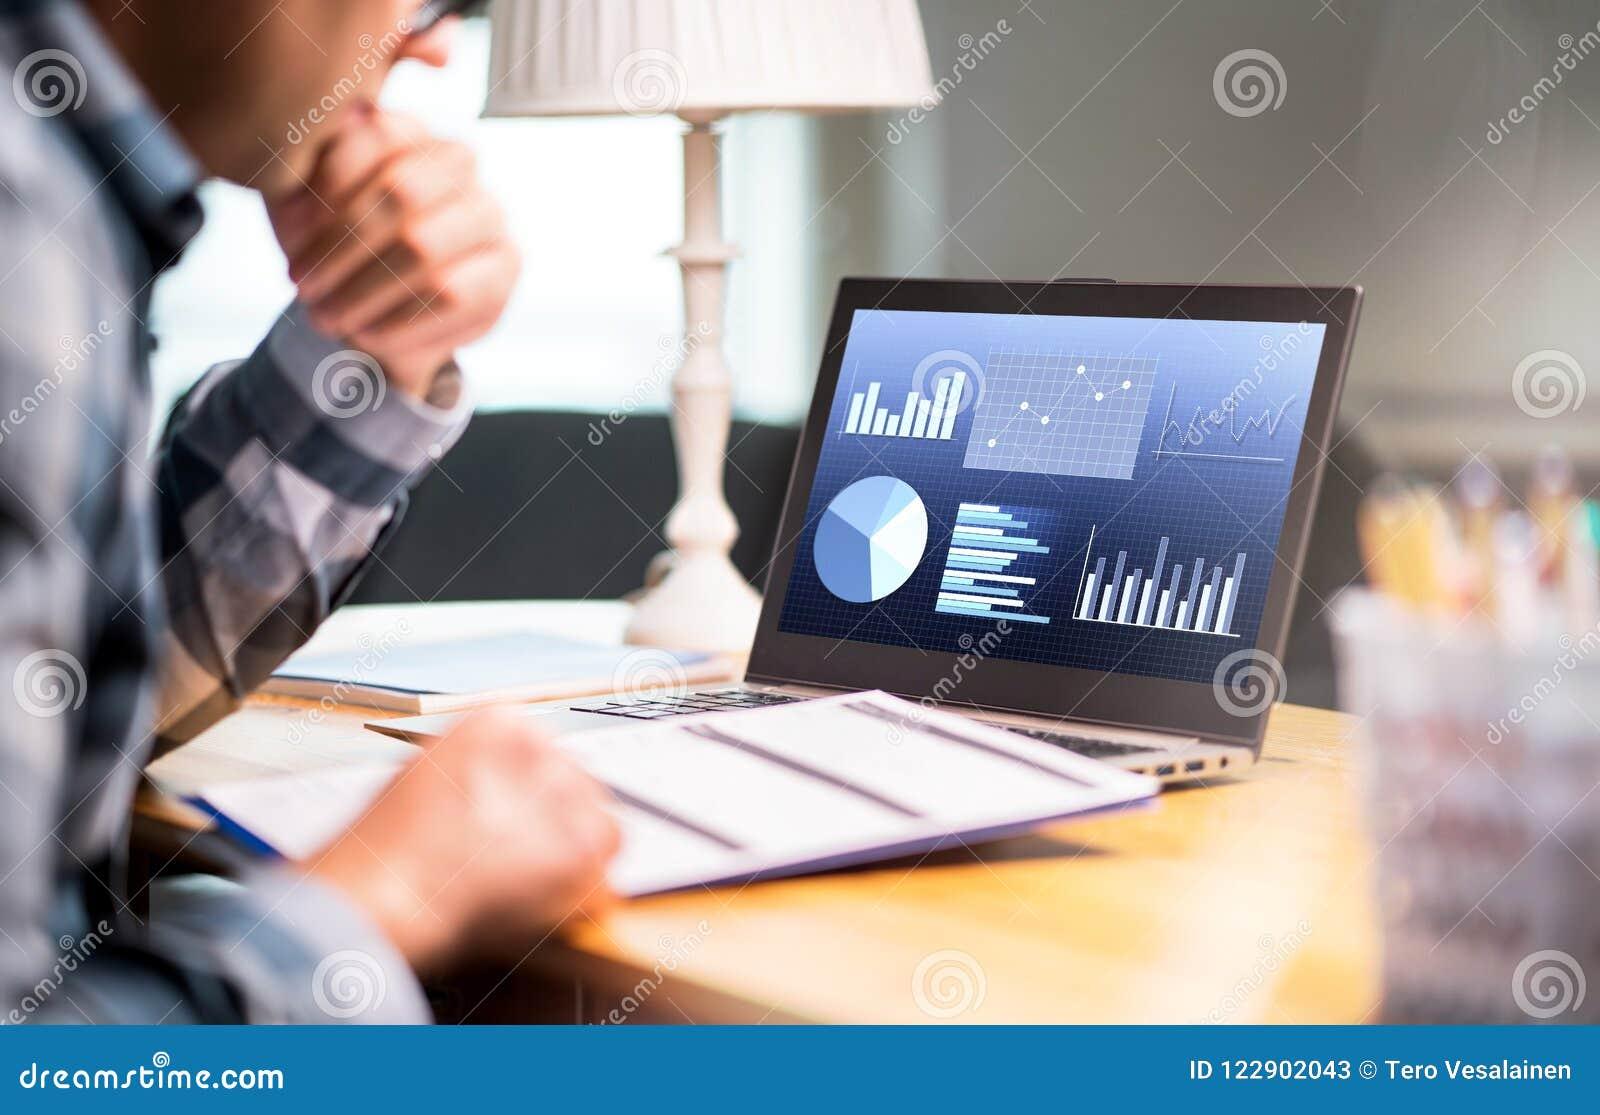 Έγγραφο επιχειρησιακών εκθέσεων ανάγνωσης ατόμων Lap-top με τις οικονομικές γραφικές παραστάσεις